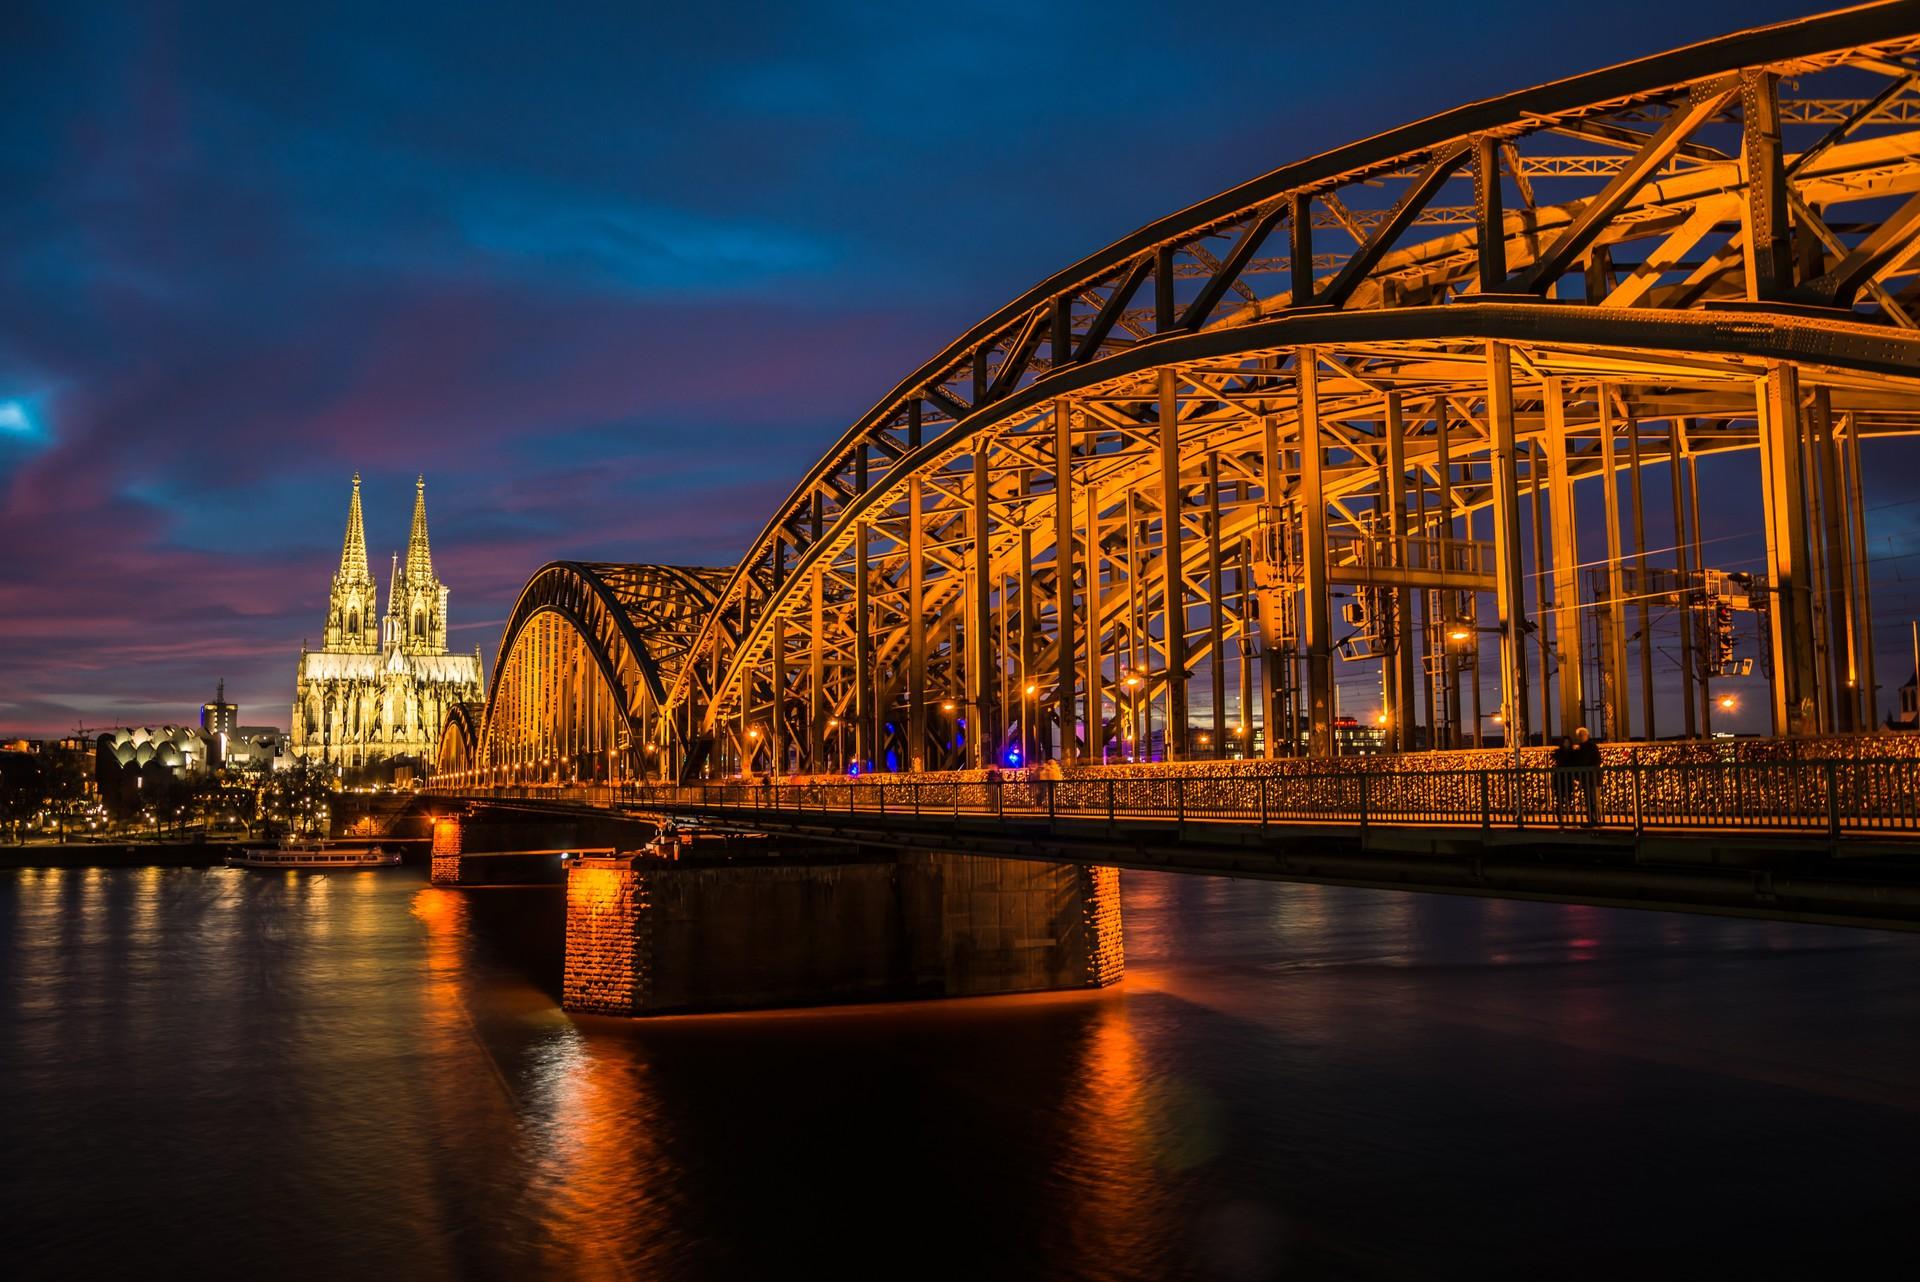 Erfahrung in Köln, Deutschland von Paula